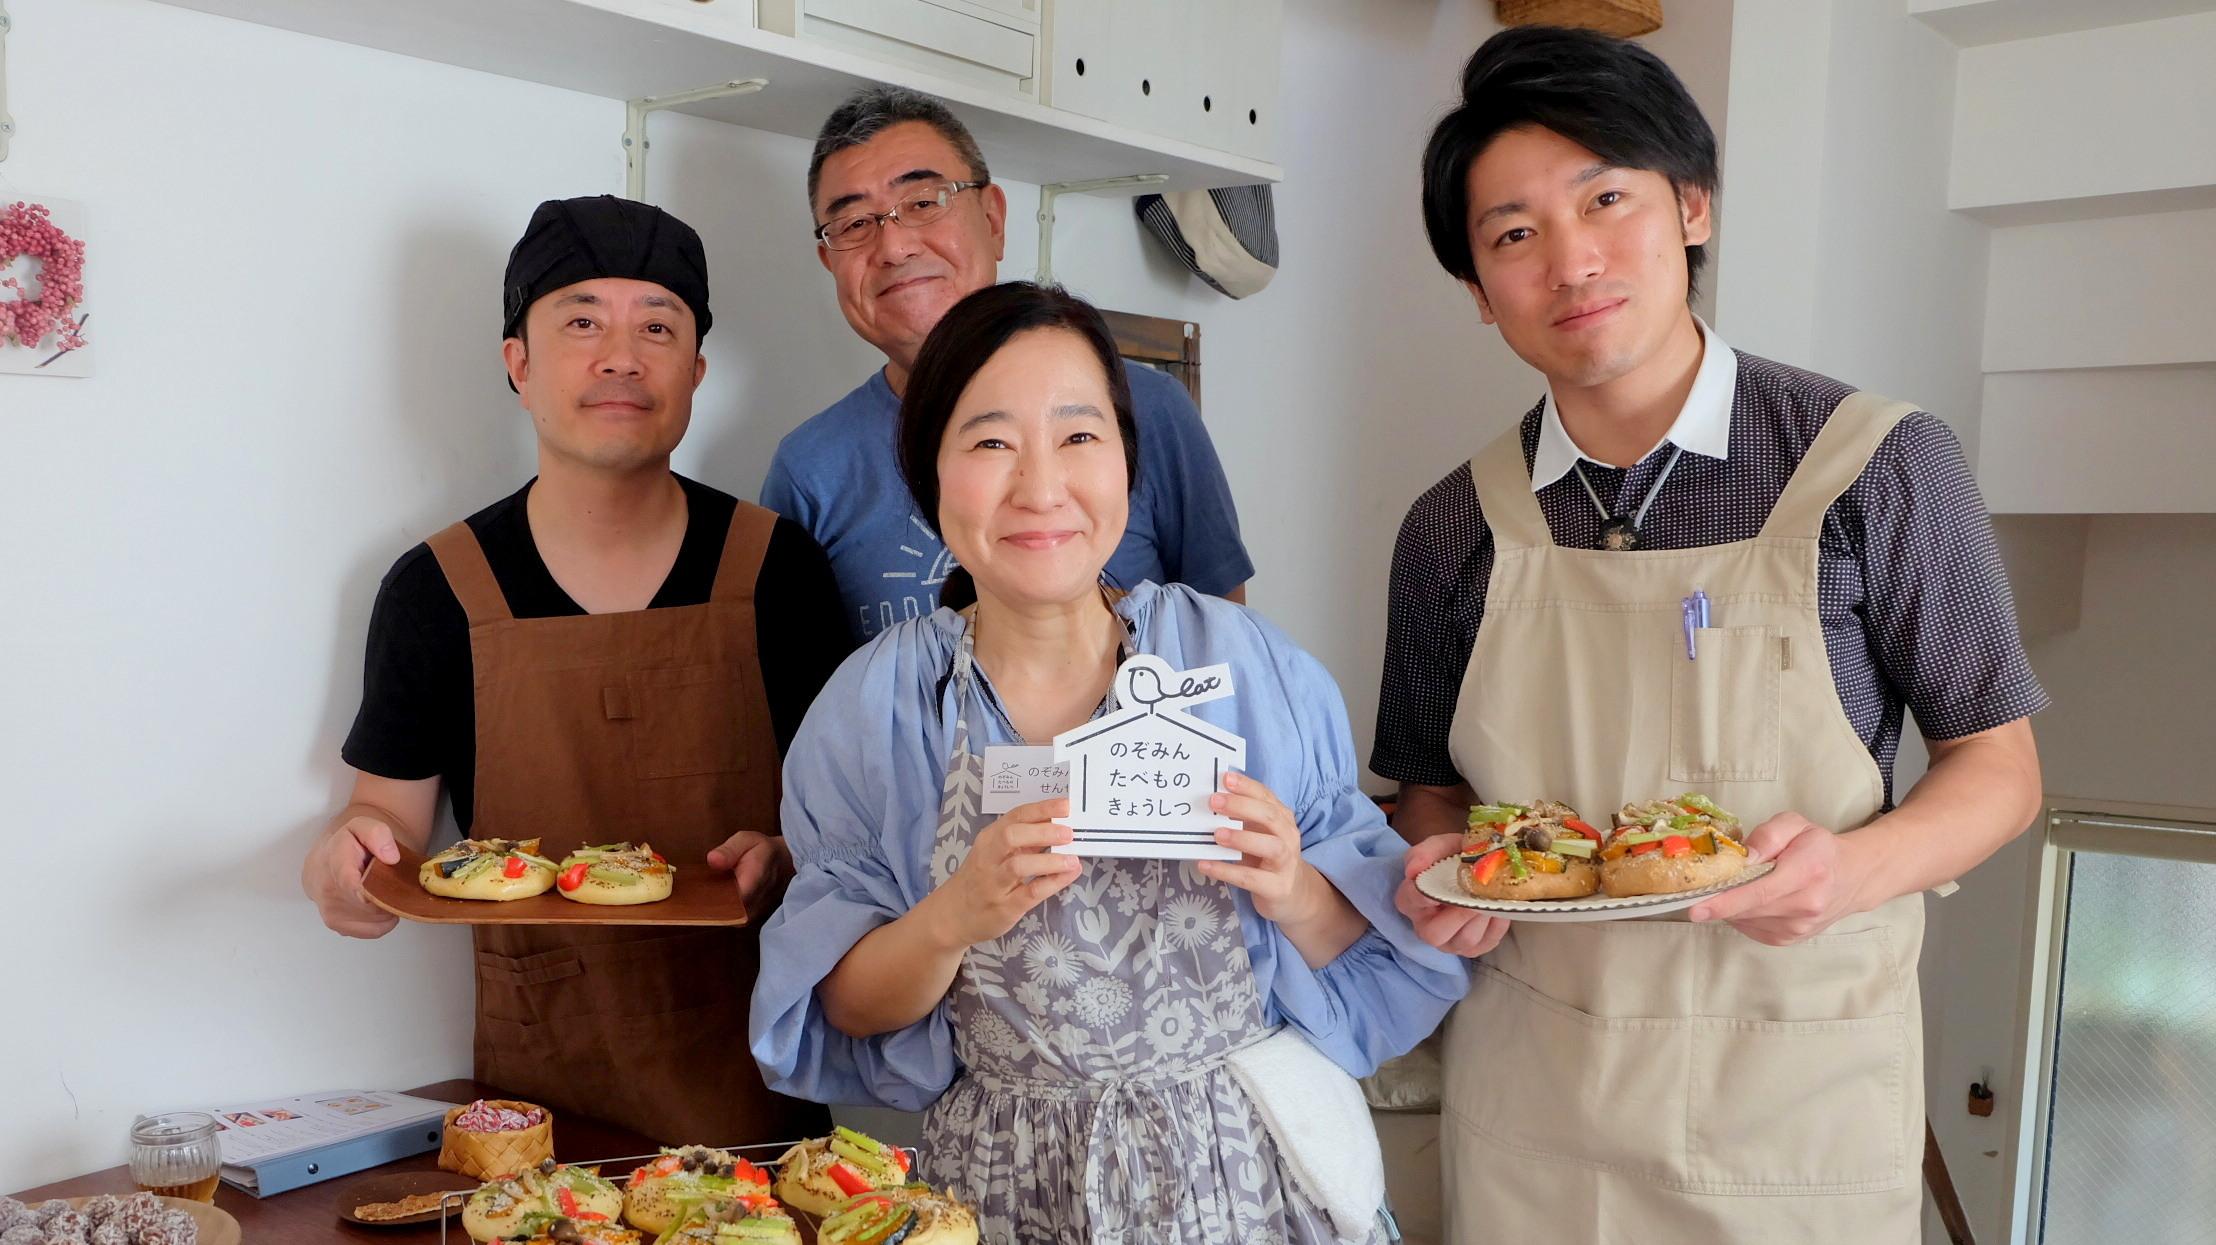 9月8日は「秋野菜のオープンサンド」のワークショップでした。